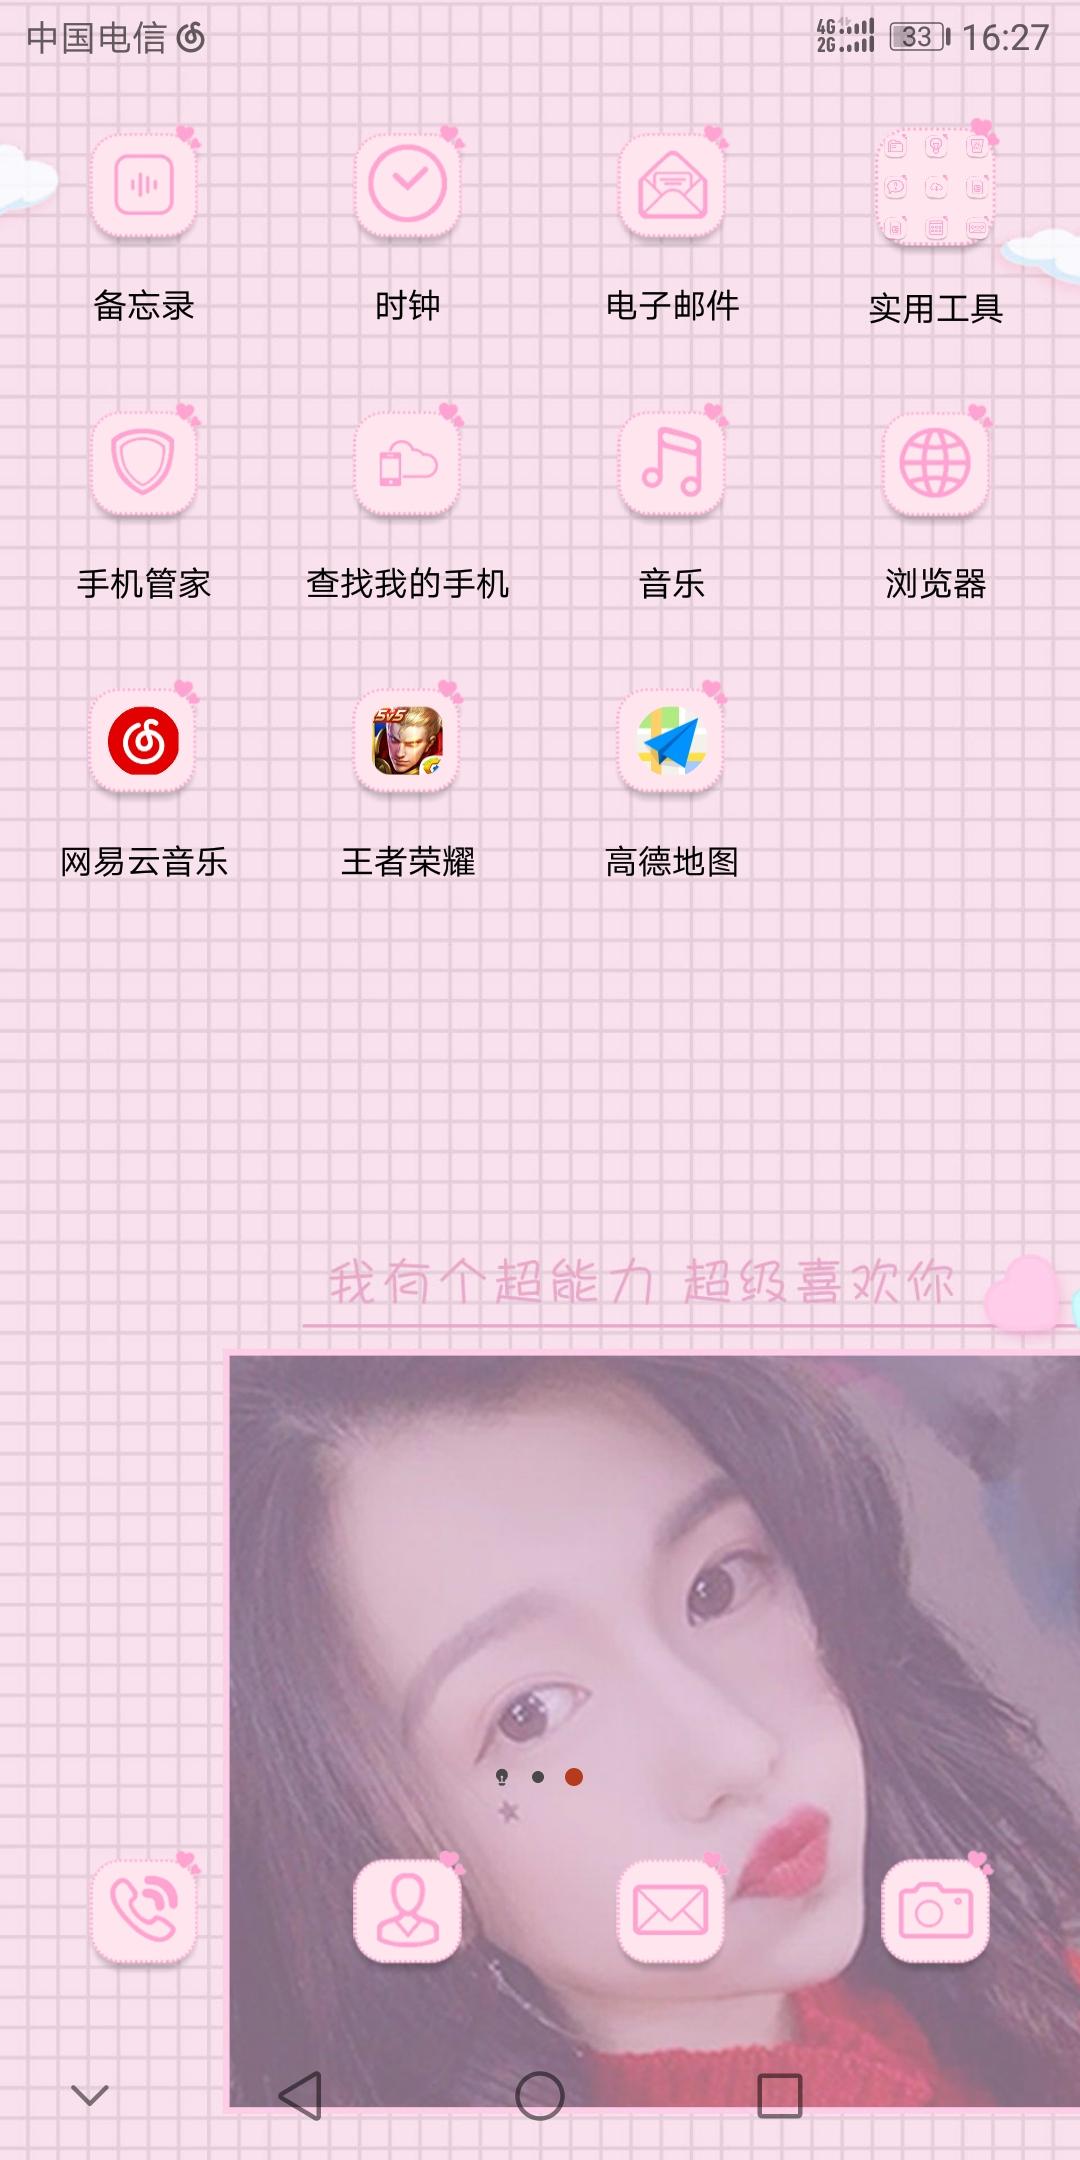 Screenshot_20180922-162718.jpg